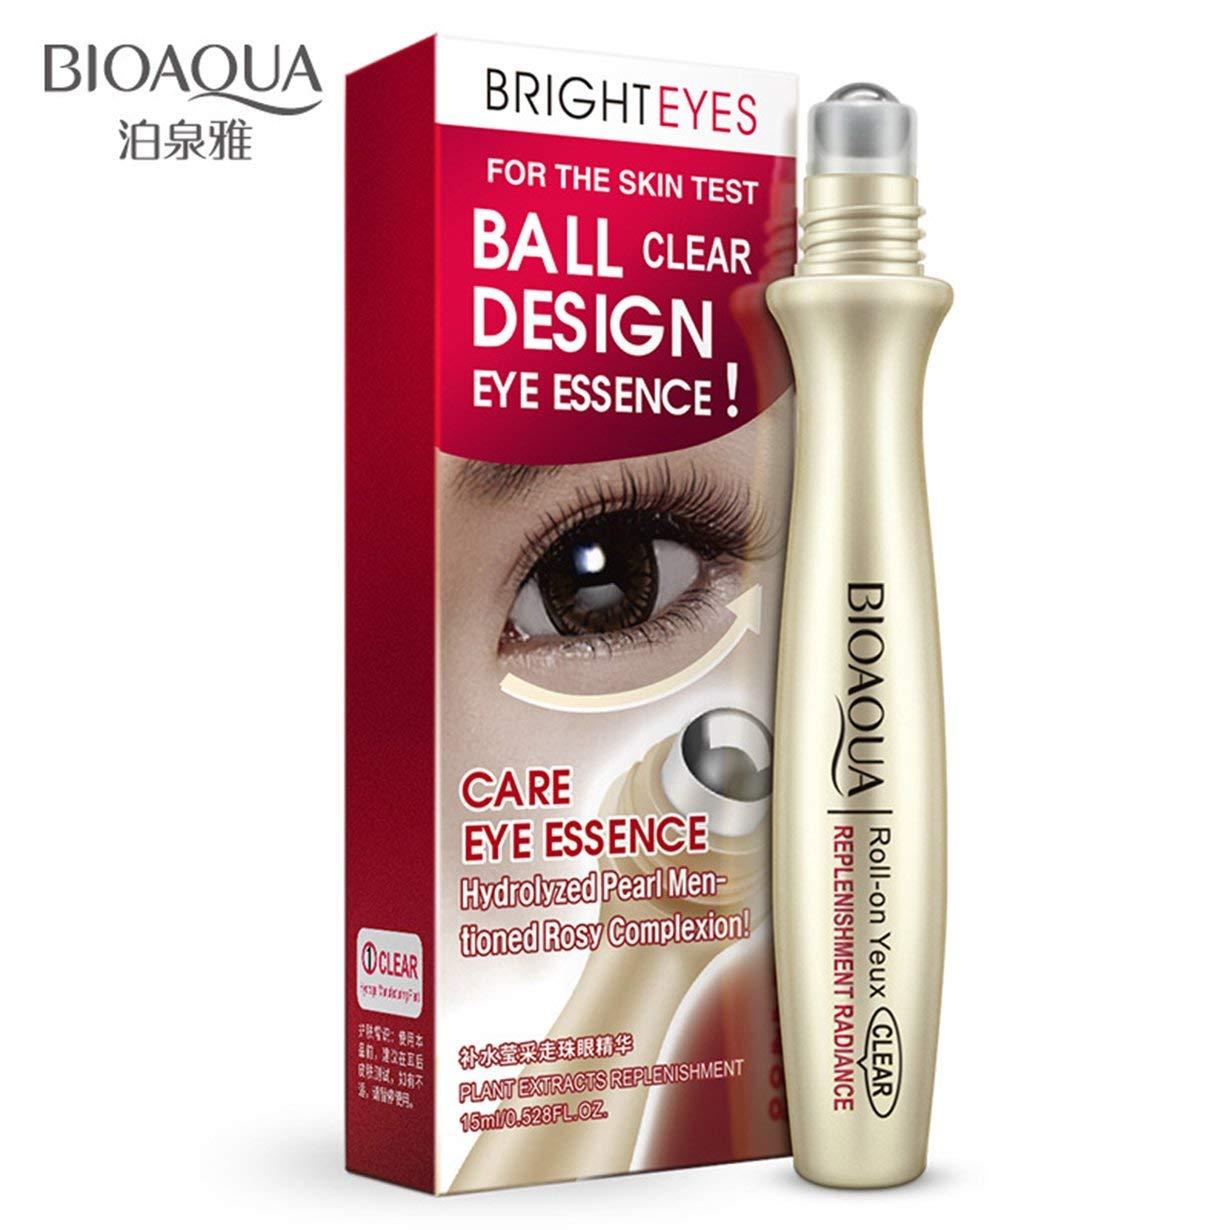 Crème pour les yeux Crème pour les yeux Rouleau Essence pour les yeux Anti-rides Supprimer Crème hydratante hydratante pour les yeux Uniqueheart